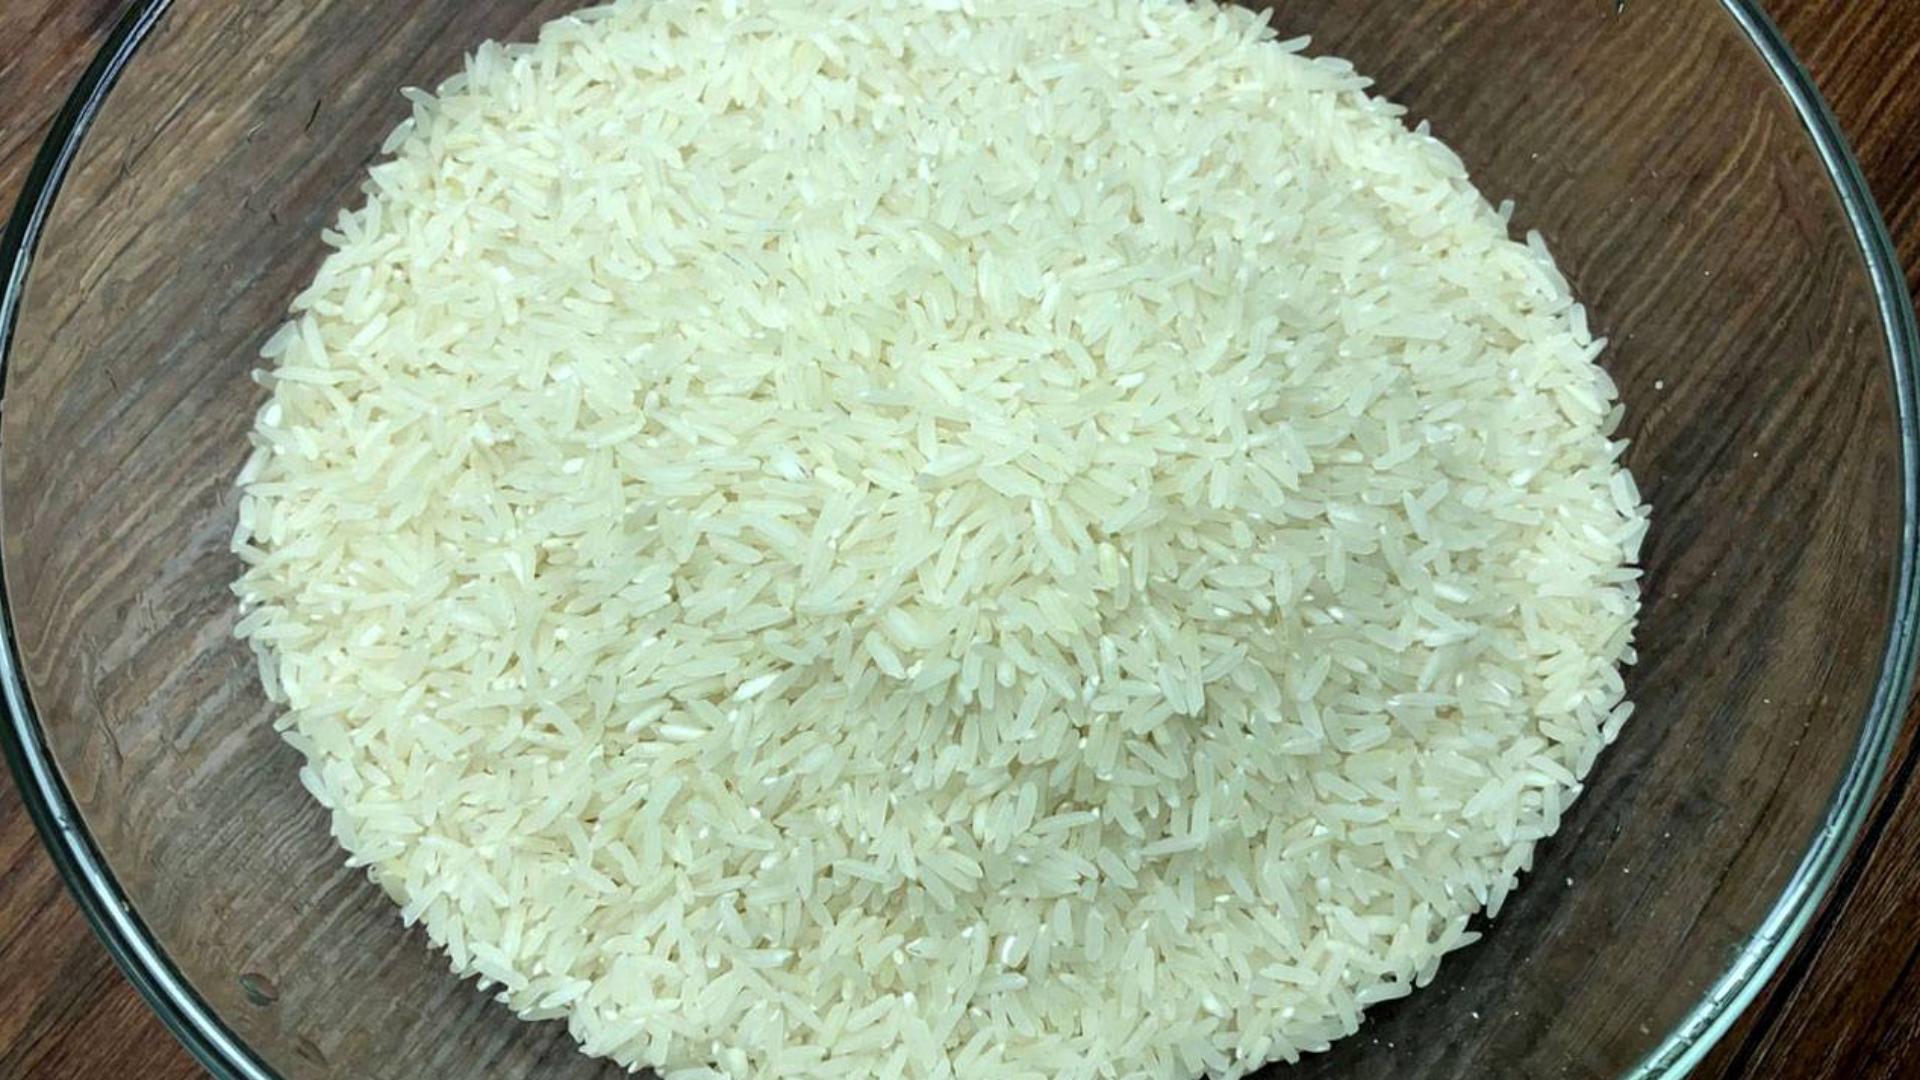 大米最近火了,加半碗白糖,成本不到3块,个个松软,太好吃了!